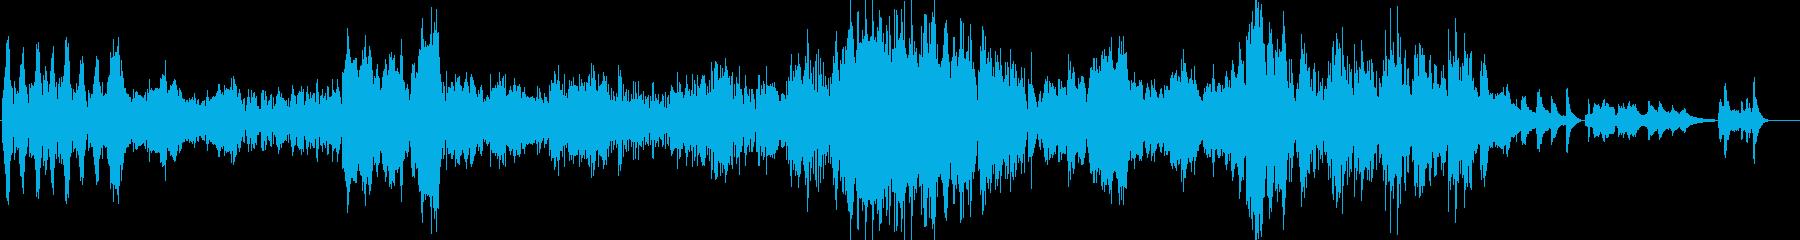 わくわくでいっぱいのピアノ曲の再生済みの波形